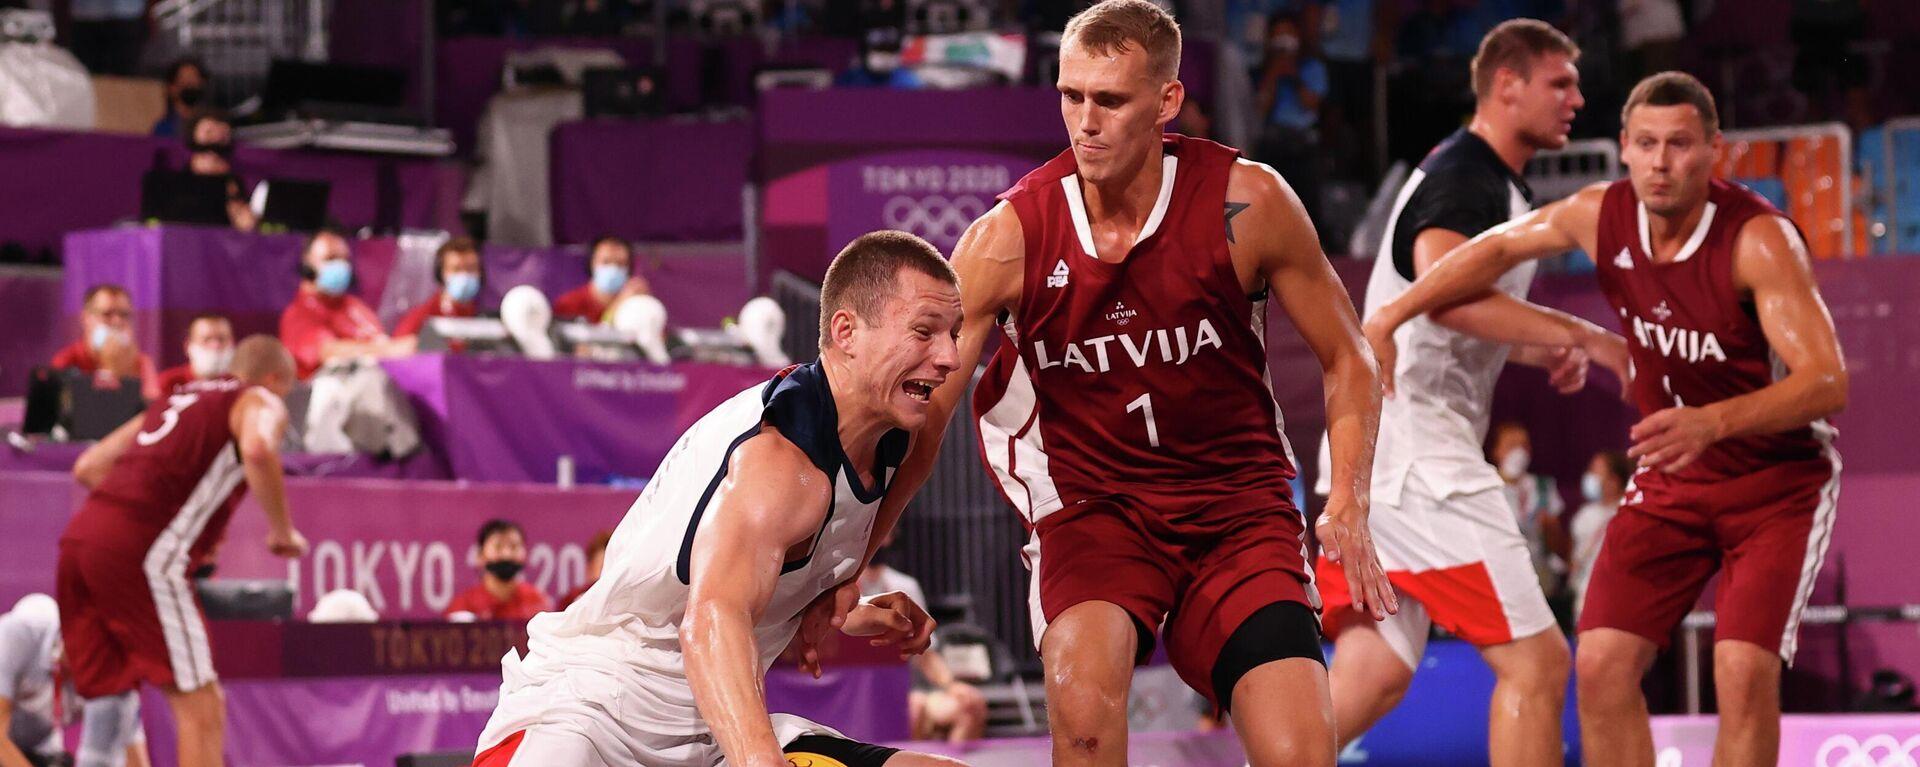 El equipo masculino de baloncesto 3x3 del Comité Olímpico Ruso  - Sputnik Mundo, 1920, 28.07.2021